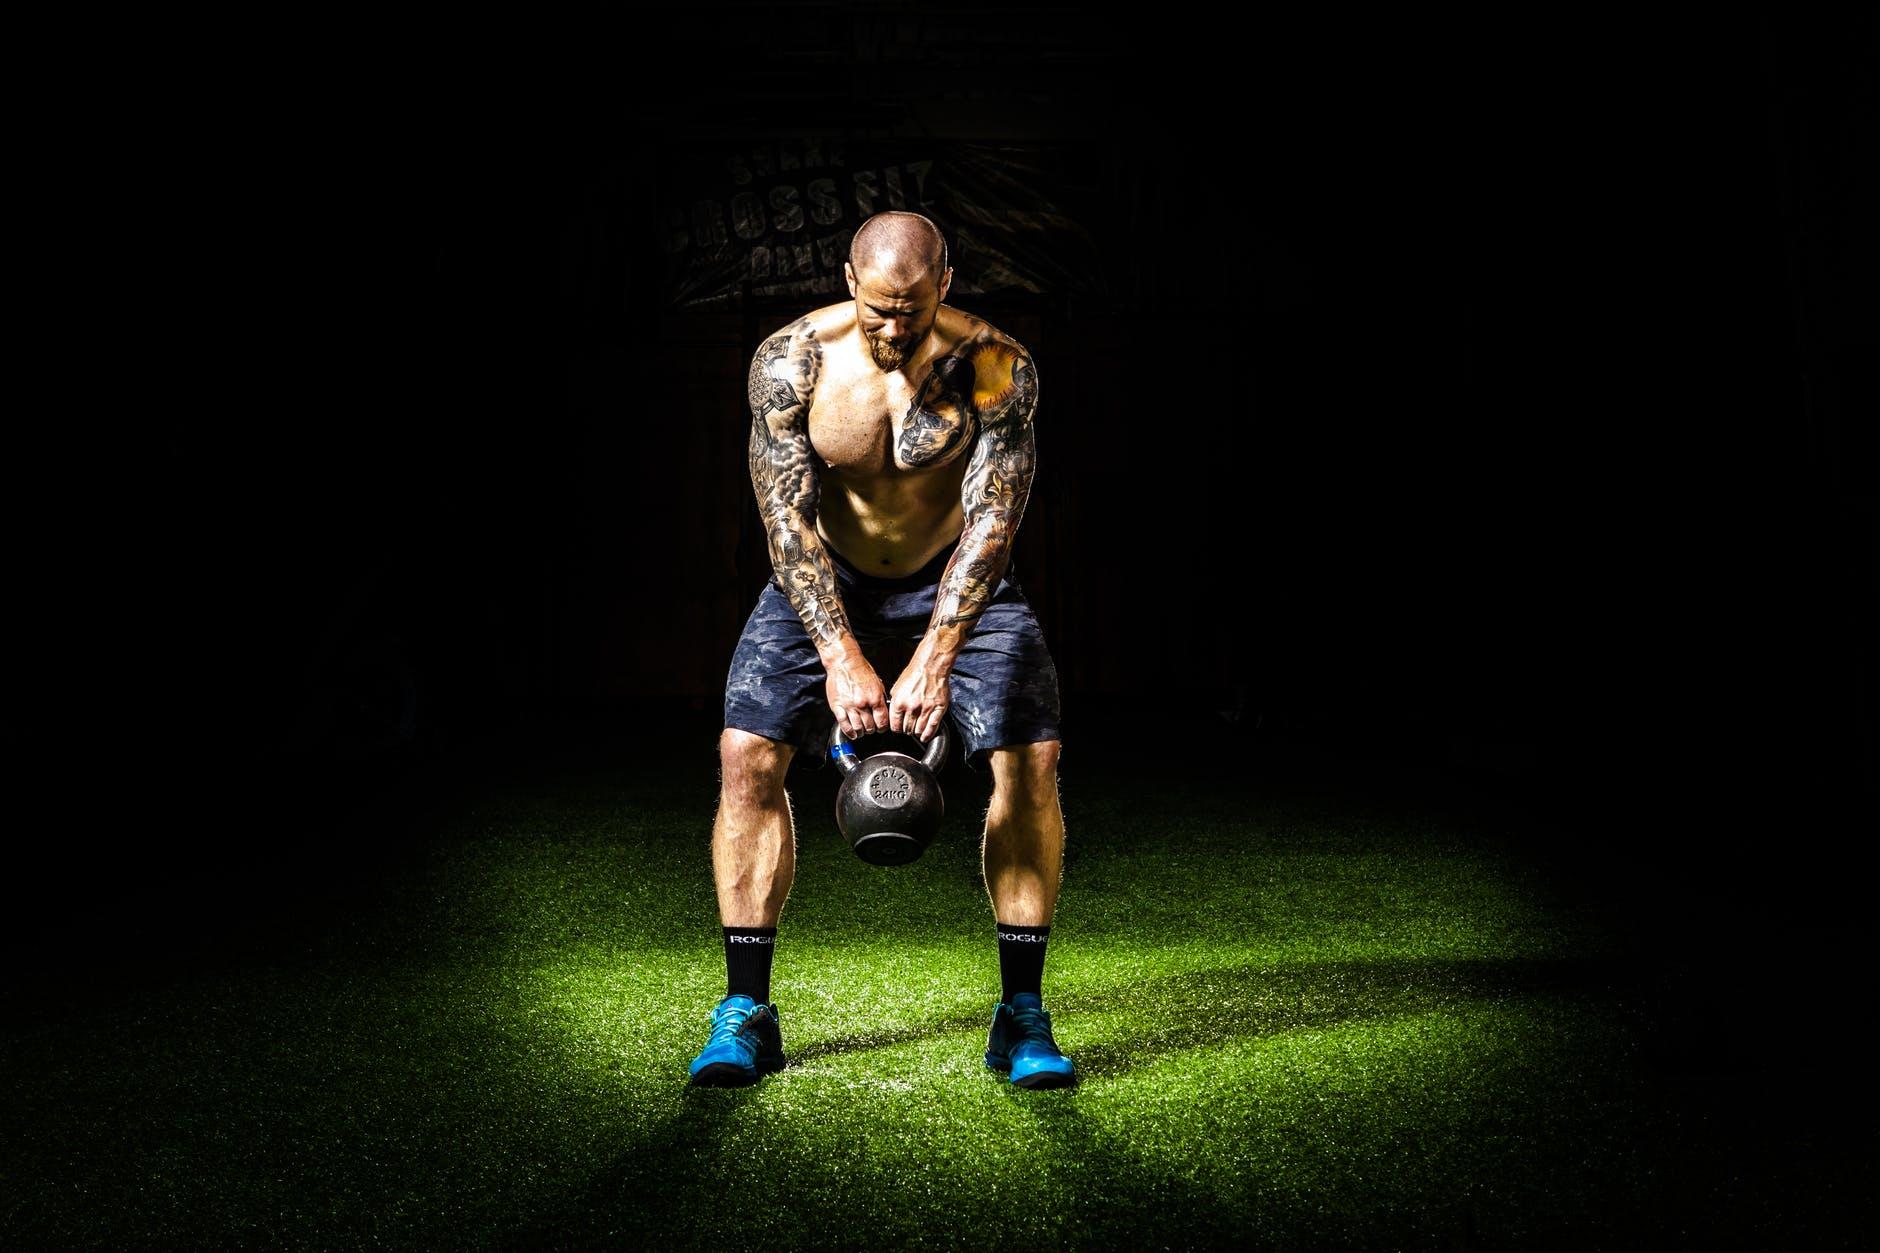 Sprzęt i akcesoria do treningu - jakie wybrać? 3